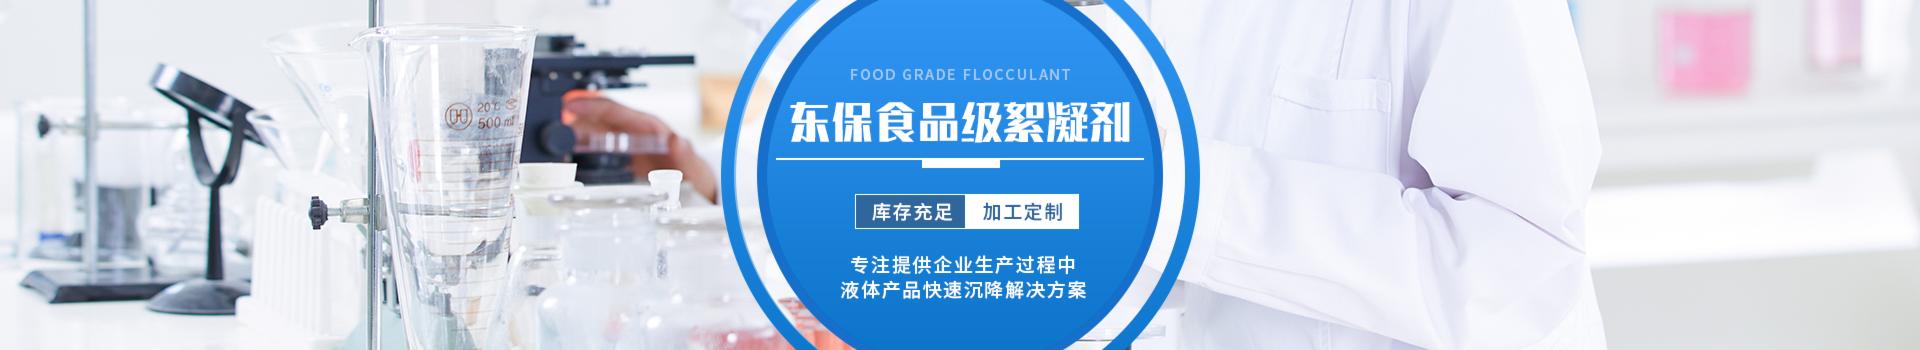 絮凝剂厂家-上海东保科技